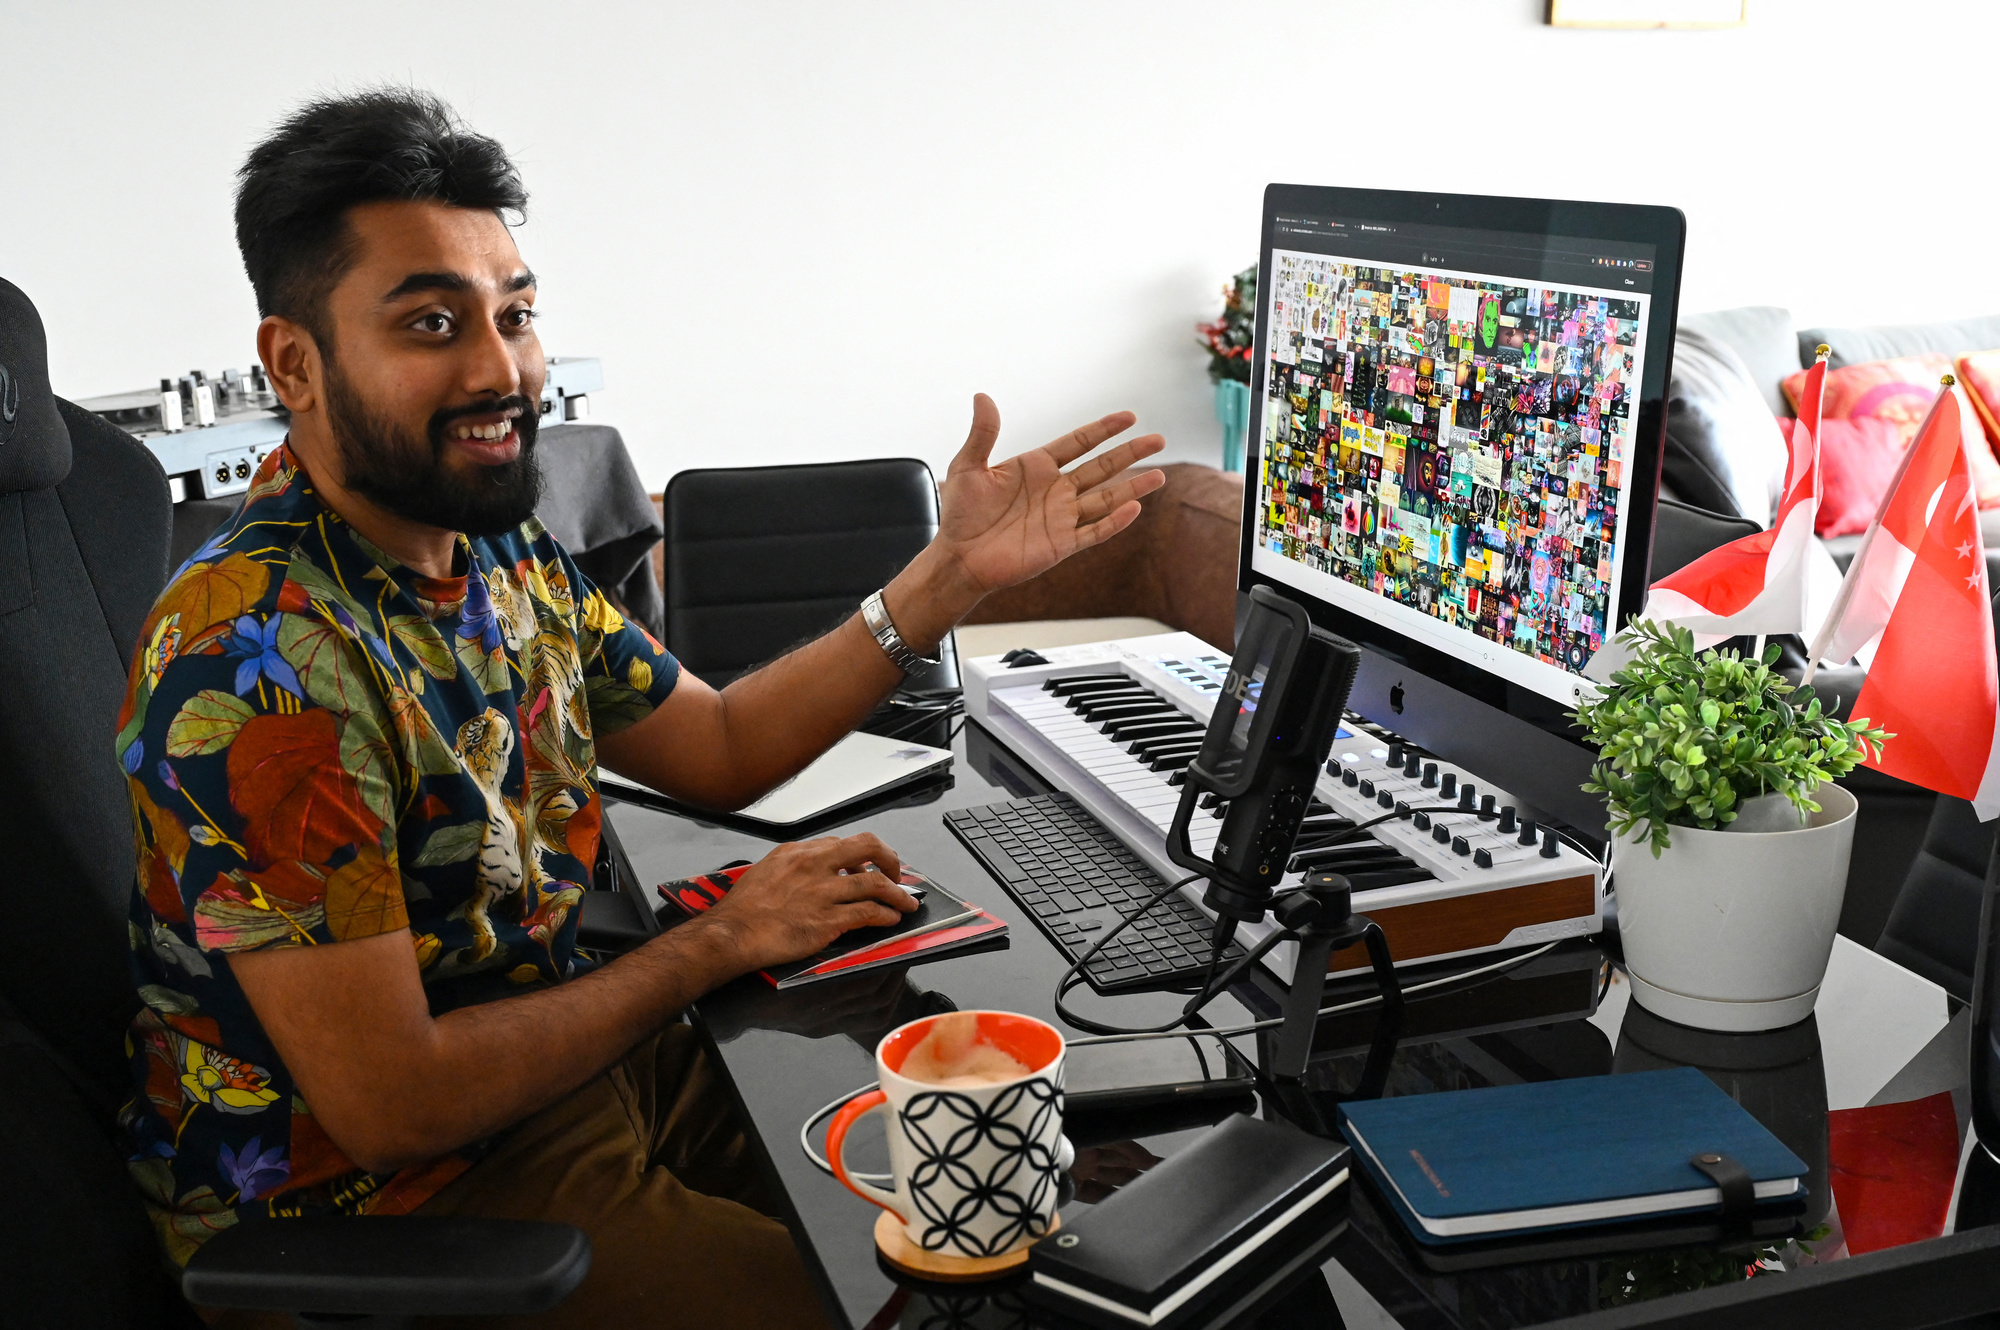 """MetaKovan, de son vrai nom Vignesh Sundaresan, montre l'oeuvre NFT de Beeple, """"Everydays: The First 5,000 Days"""", qu'il a acquis pour la rondelette somme de 69,3 millions de dollars., Roslan RAHMAN / AFP"""